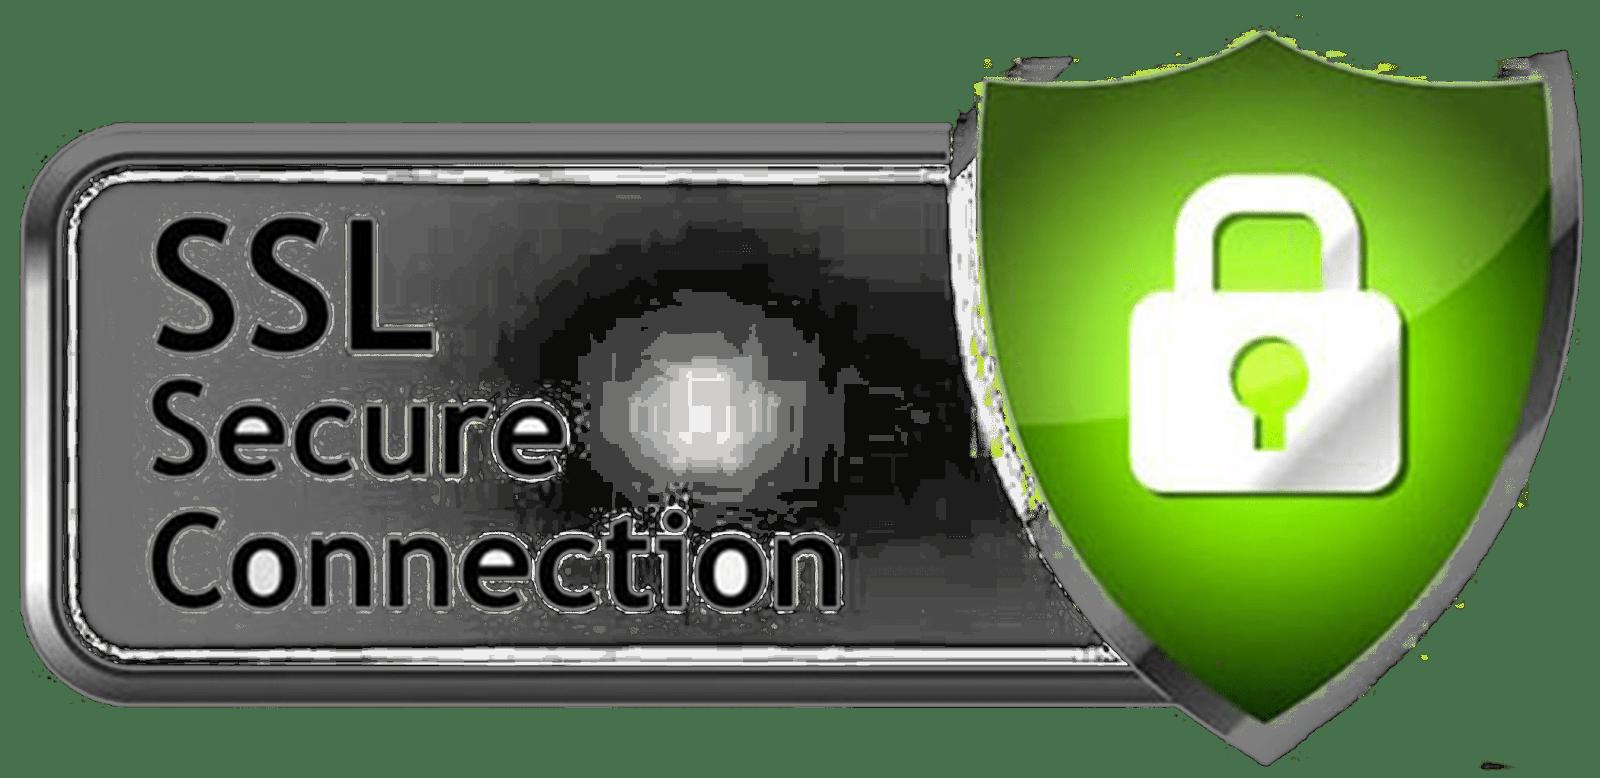 SSL security conection